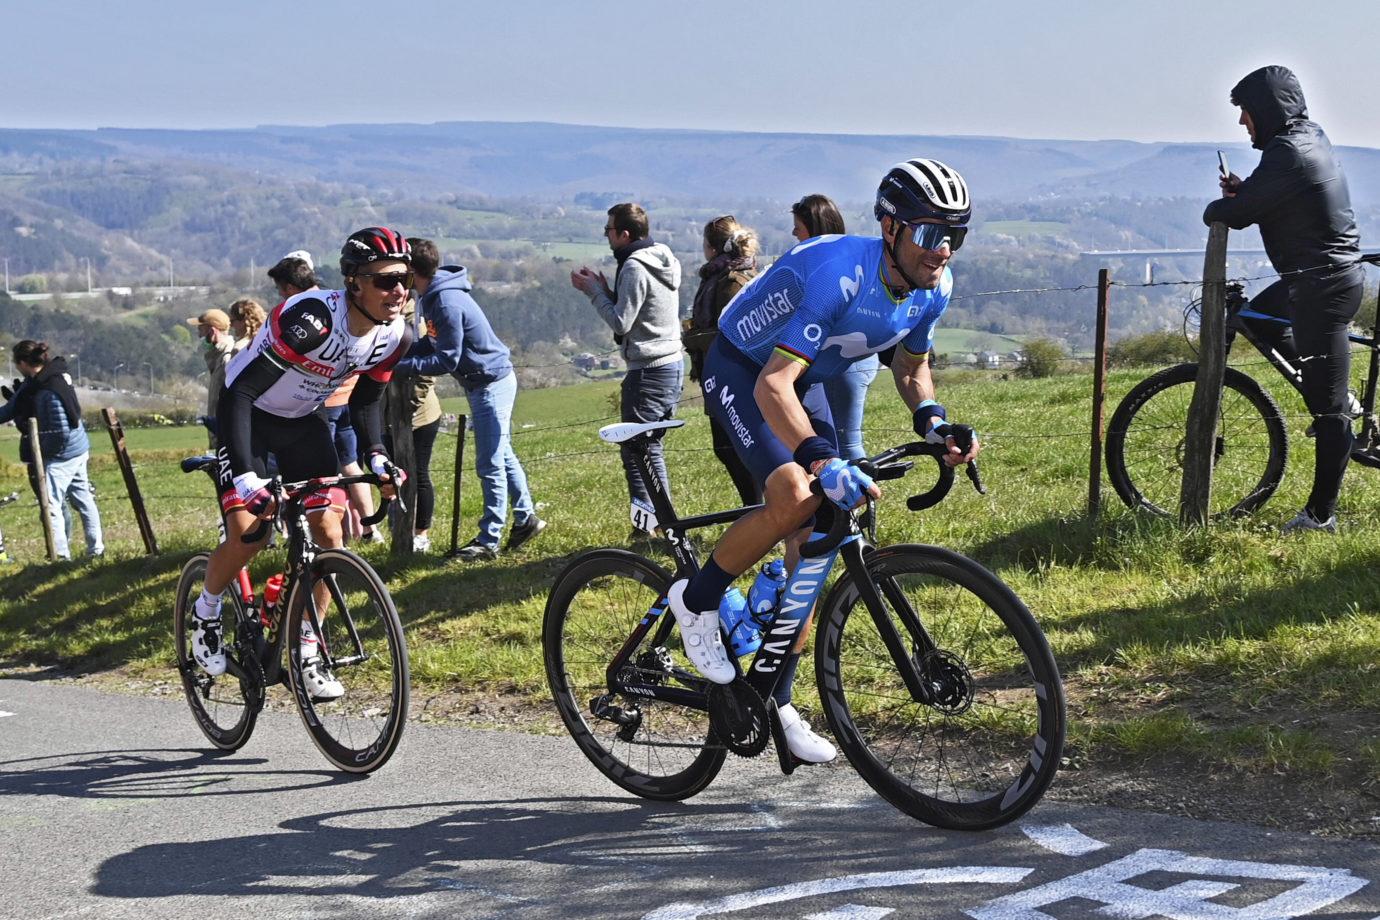 Foto 25 4 21 16 24 27 1380x920 - Valverde el mejor, ejemplo de la falta de relevo generacional en el ciclismo español